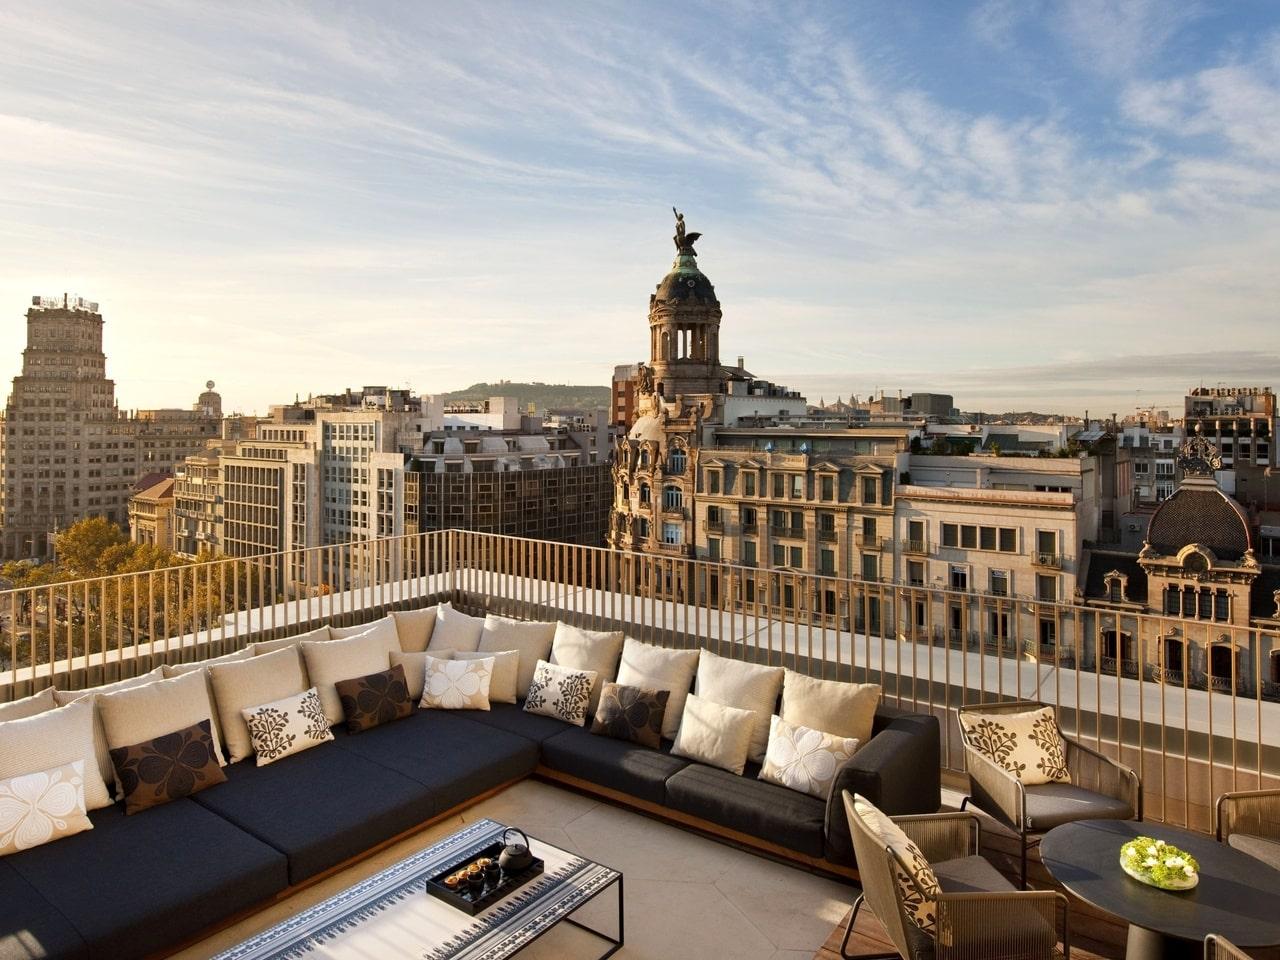 O terraço permite variada spossibilidades estéticas e funcionais (Foto: Divulgação)